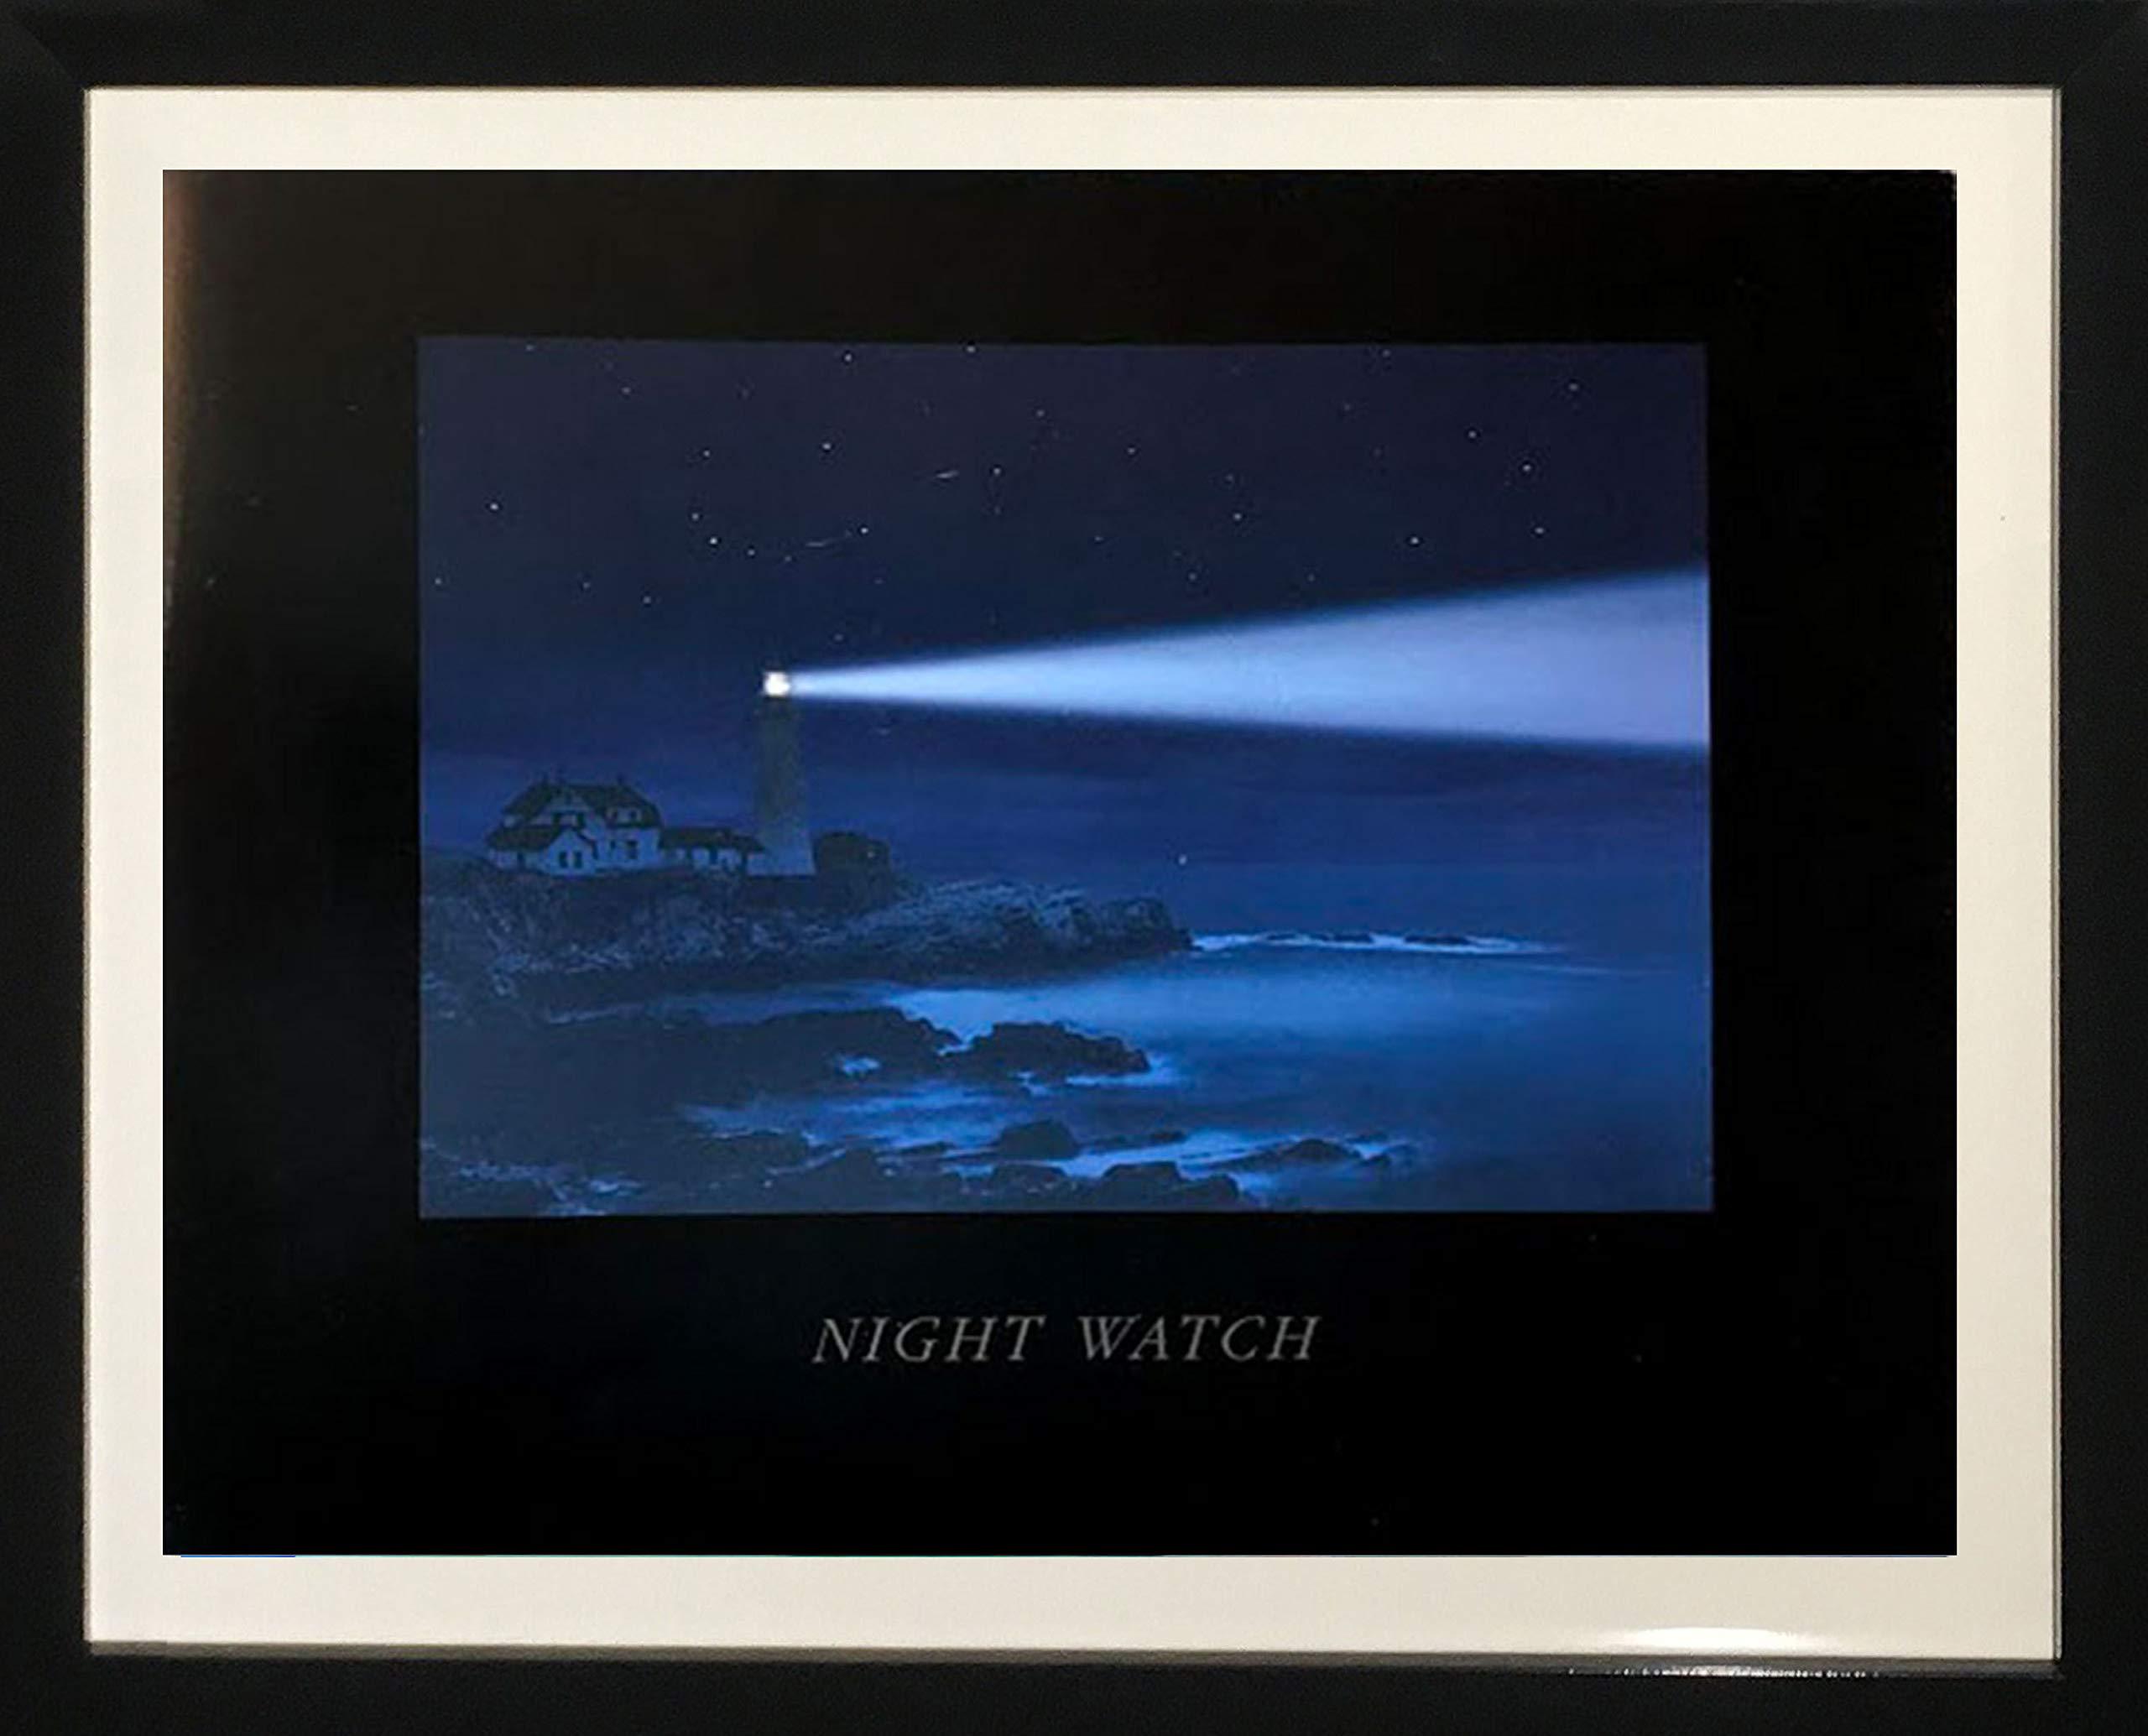 Framed Art''Night Watch'' by Joseph Soam by